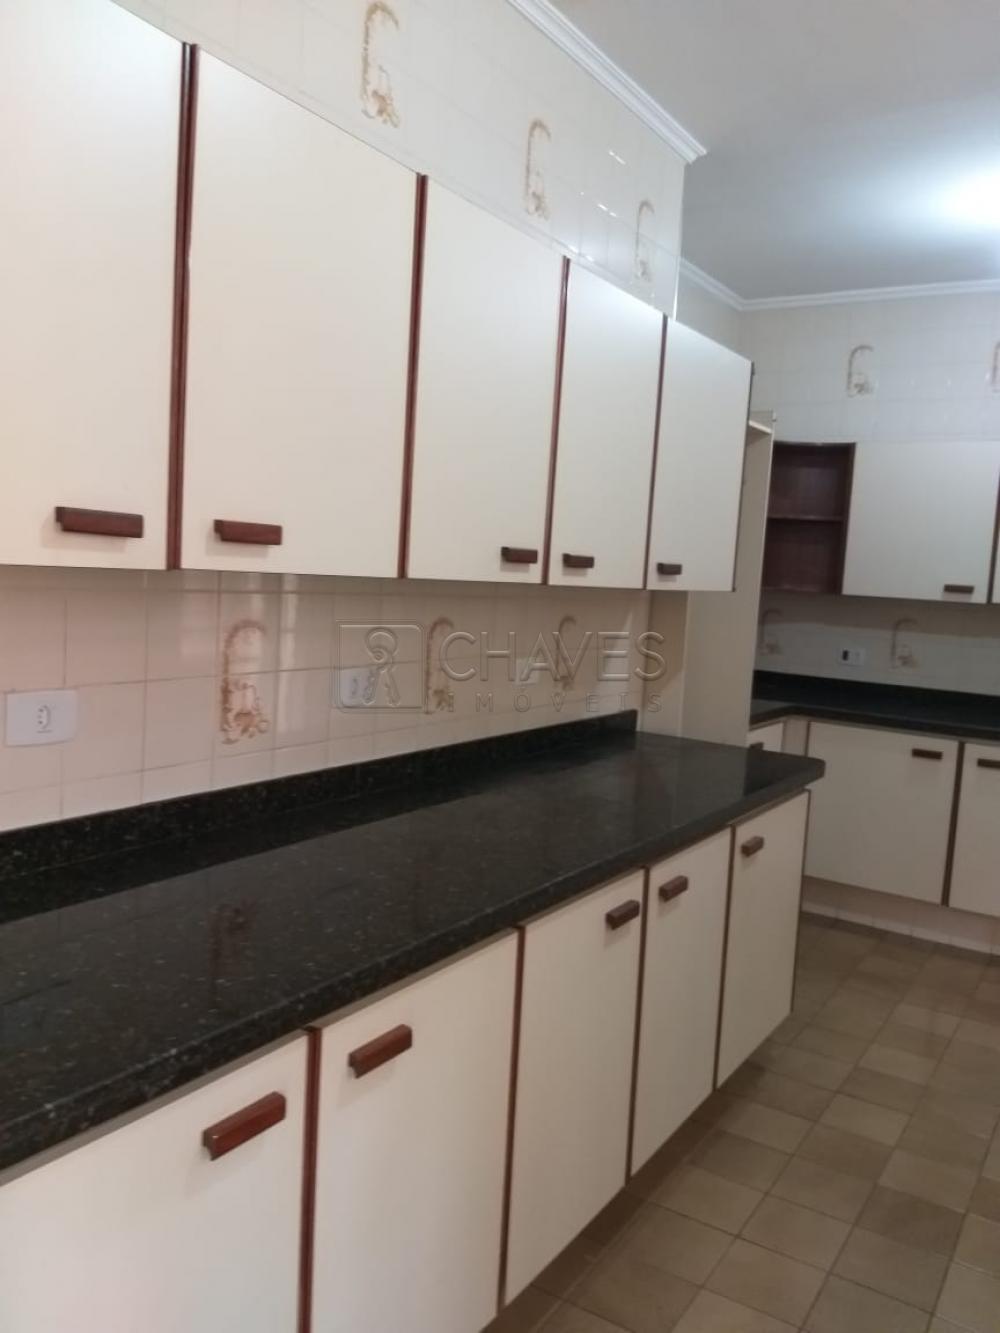 Alugar Casa / Condomínio em Ribeirão Preto R$ 3.300,00 - Foto 7